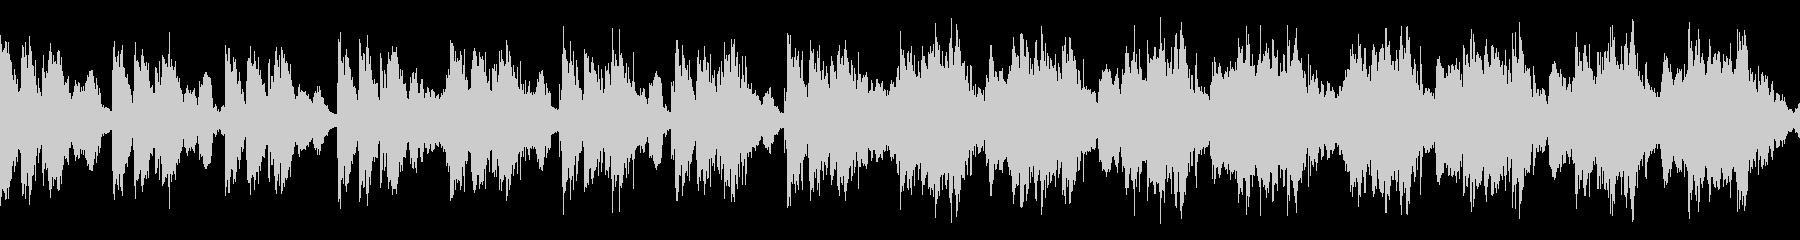 緊張感のあるオーケストラ/速め ループの未再生の波形